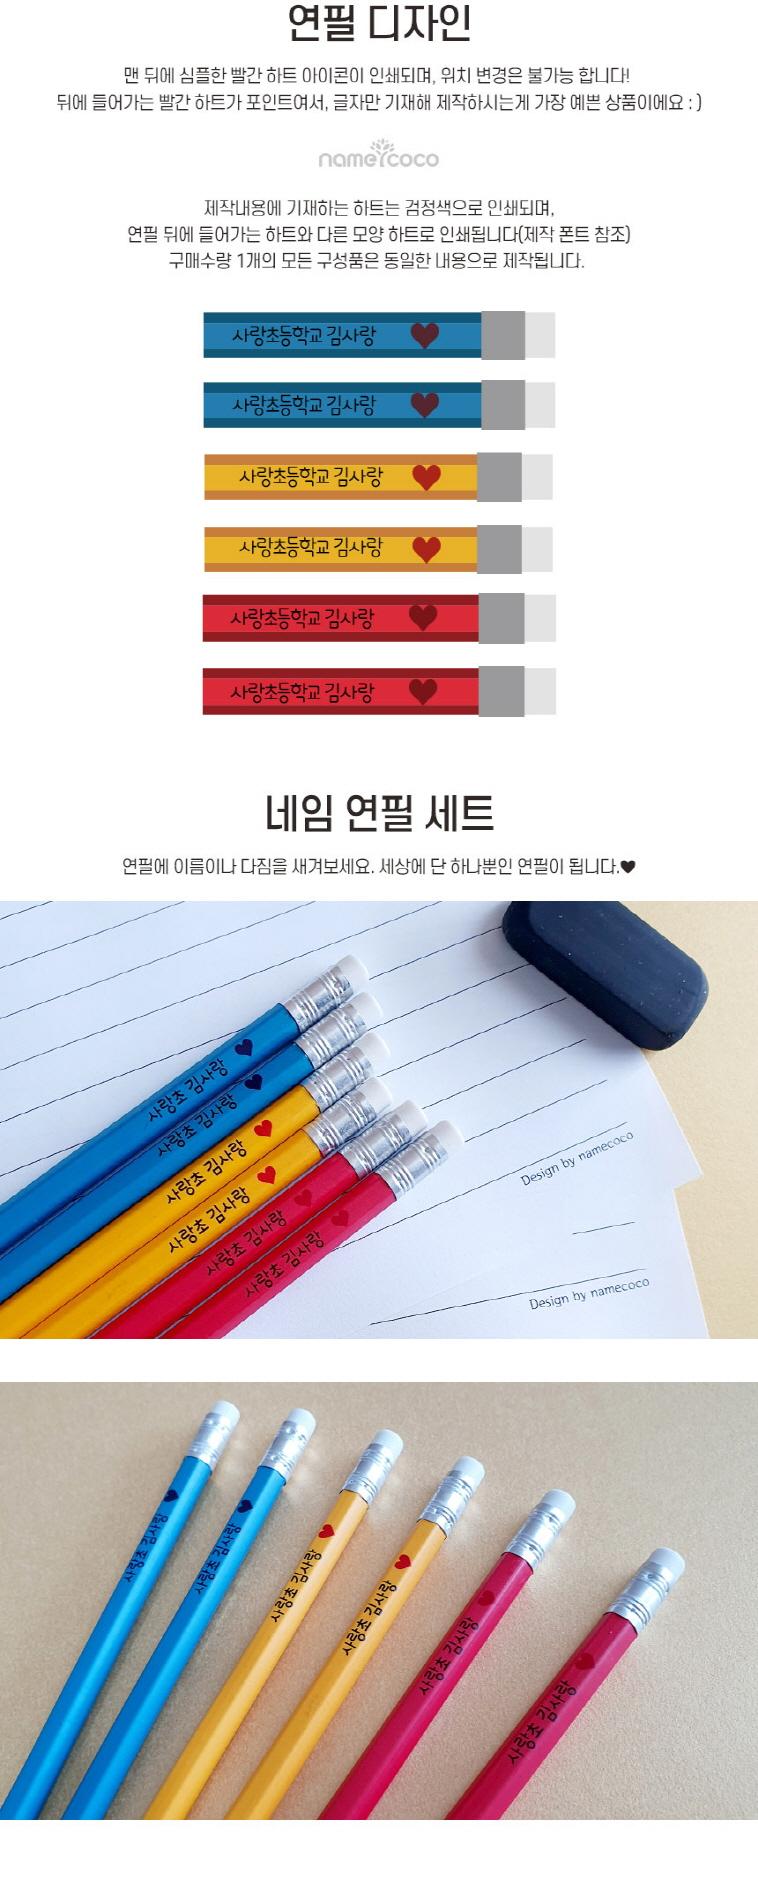 주문제작 네임연필 B 심플하트 6개입 - 네임코코, 3,900원, 연필, 주문제작연필